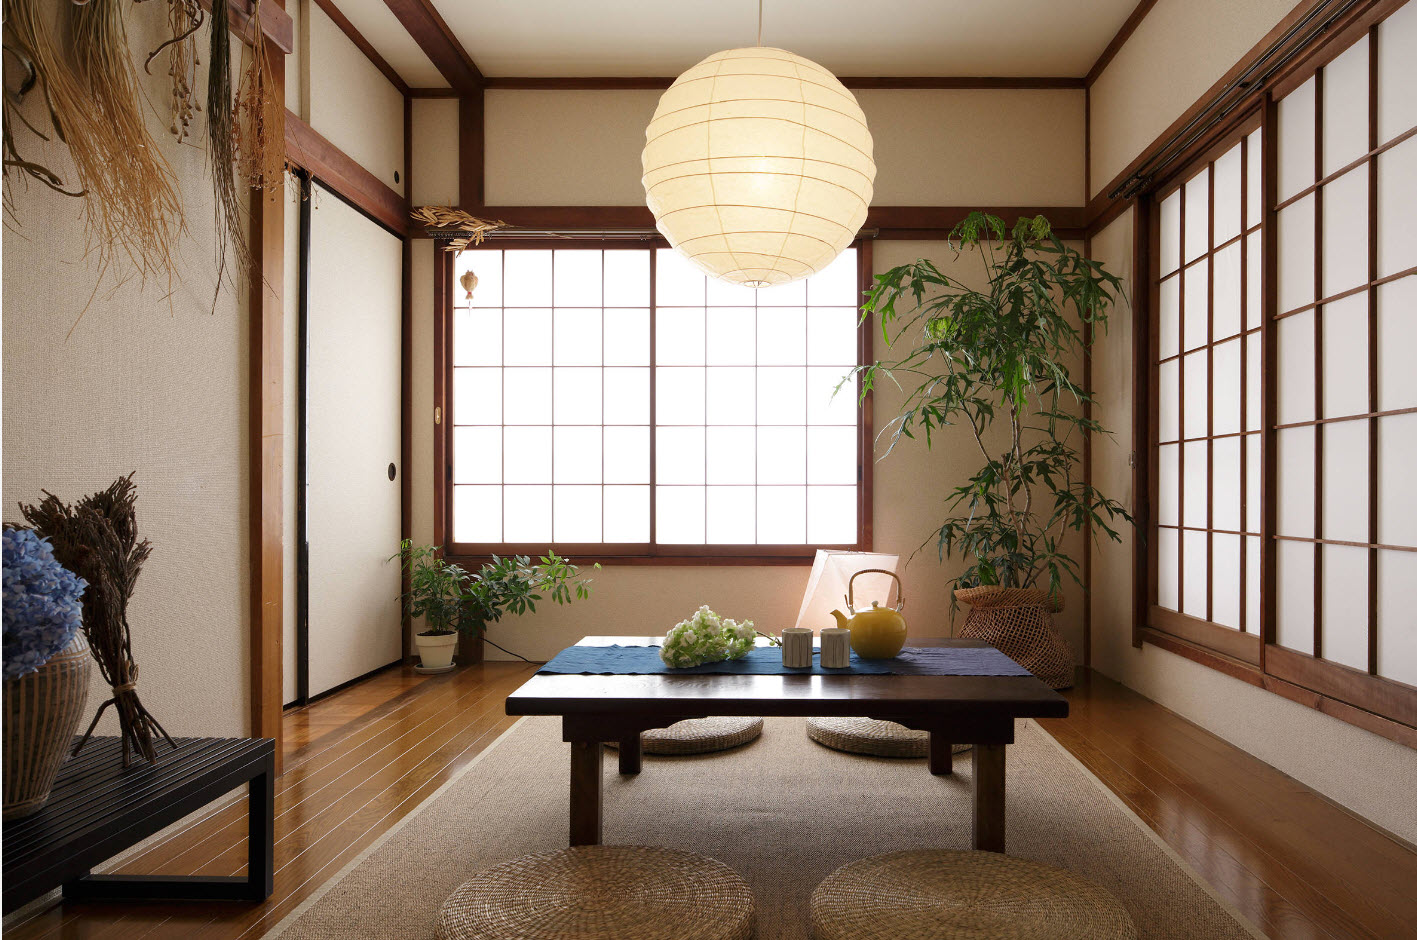 квартира в японском стиле фото